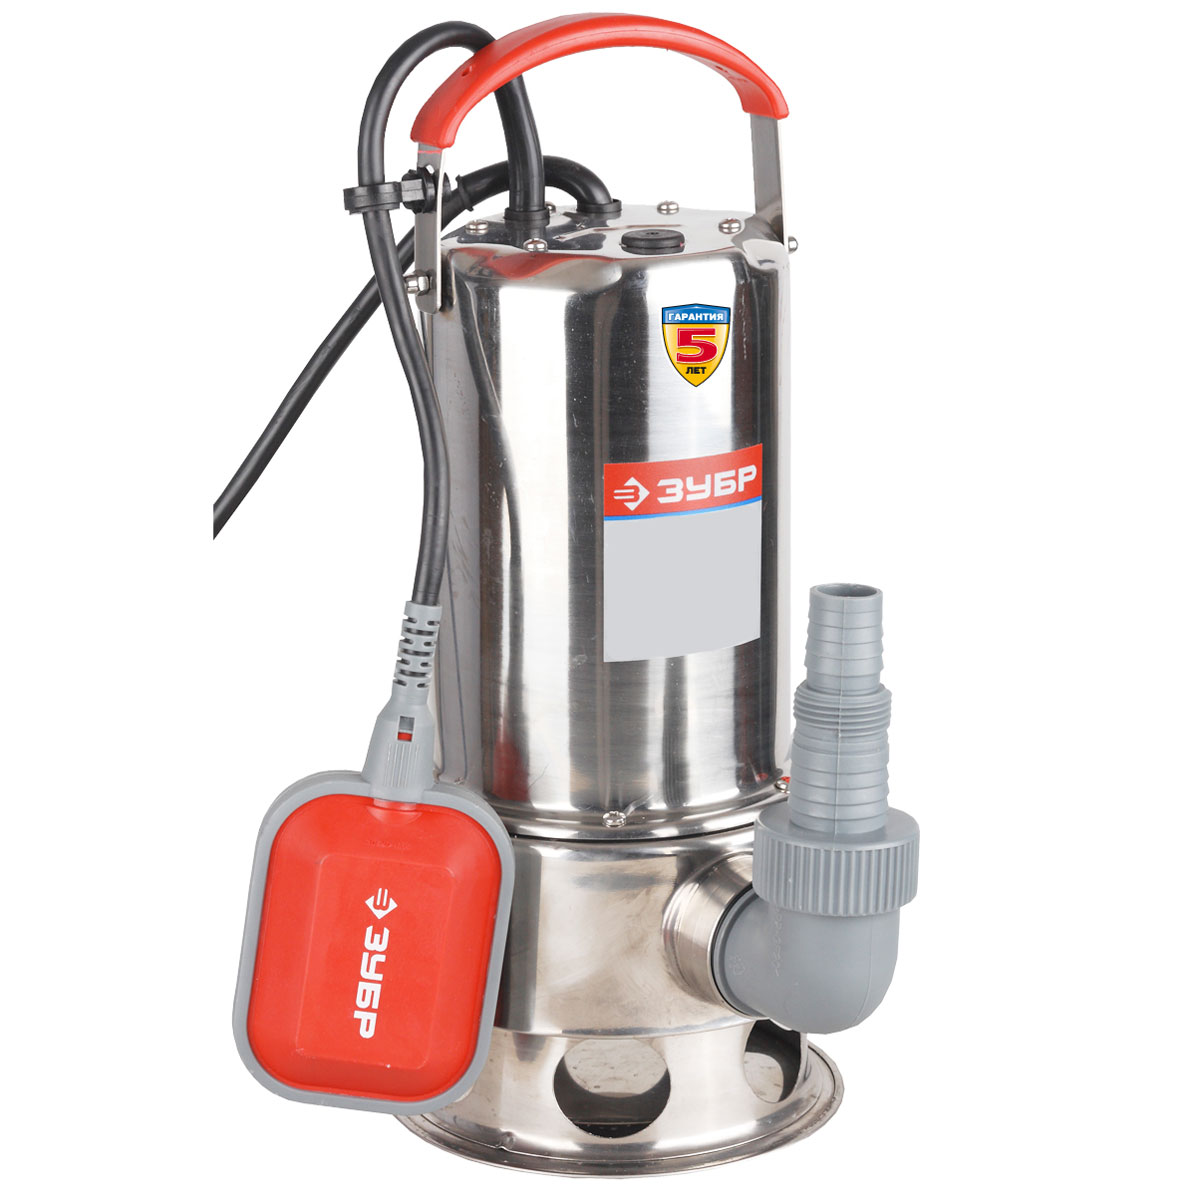 ЗУБР ЗНПГ-550-С насос погружной для грязной воды, 550Вт насос погружной зубр знпг 550